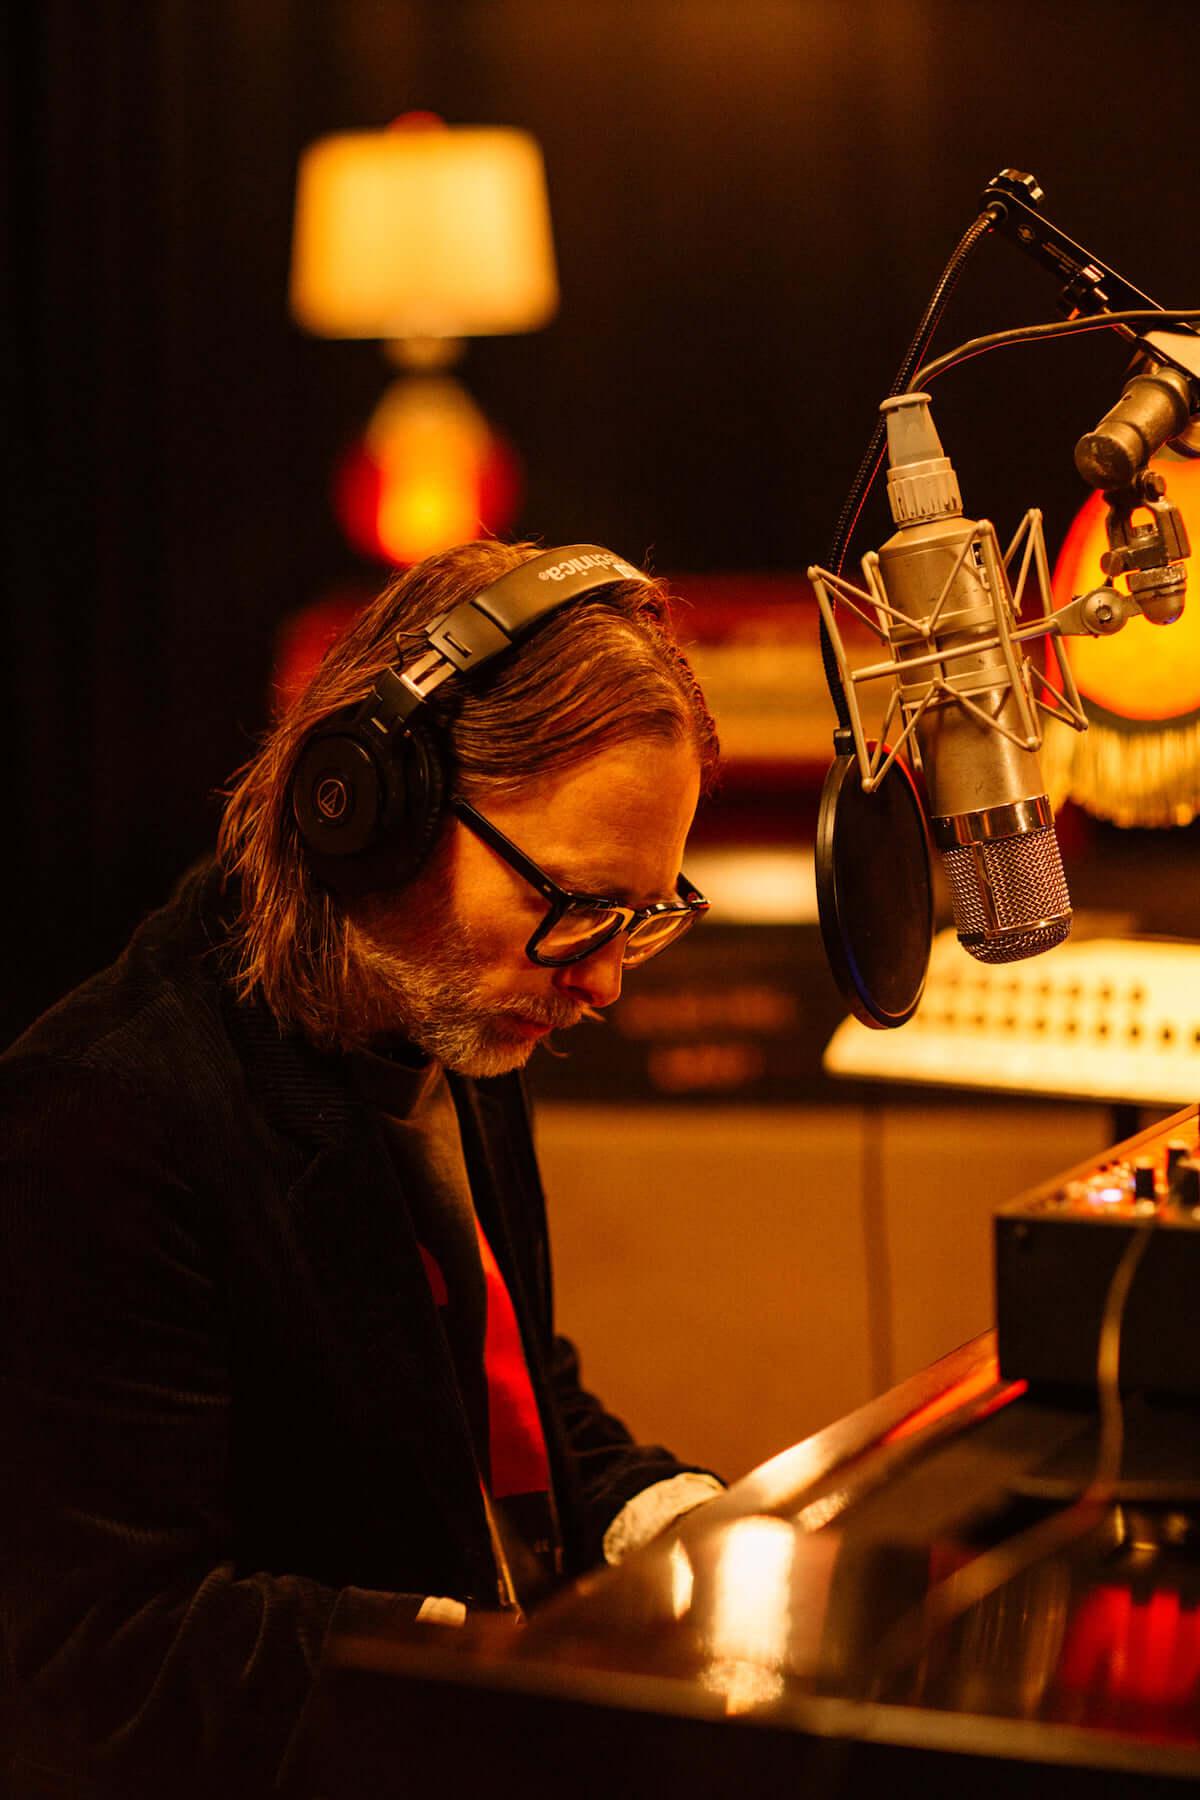 トム・ヨーク、伝説的傑作ホラー映画「サスペリア」のサントラ未発表曲を集めたEPがリリース music190222-thomyorke-1-1200x1800